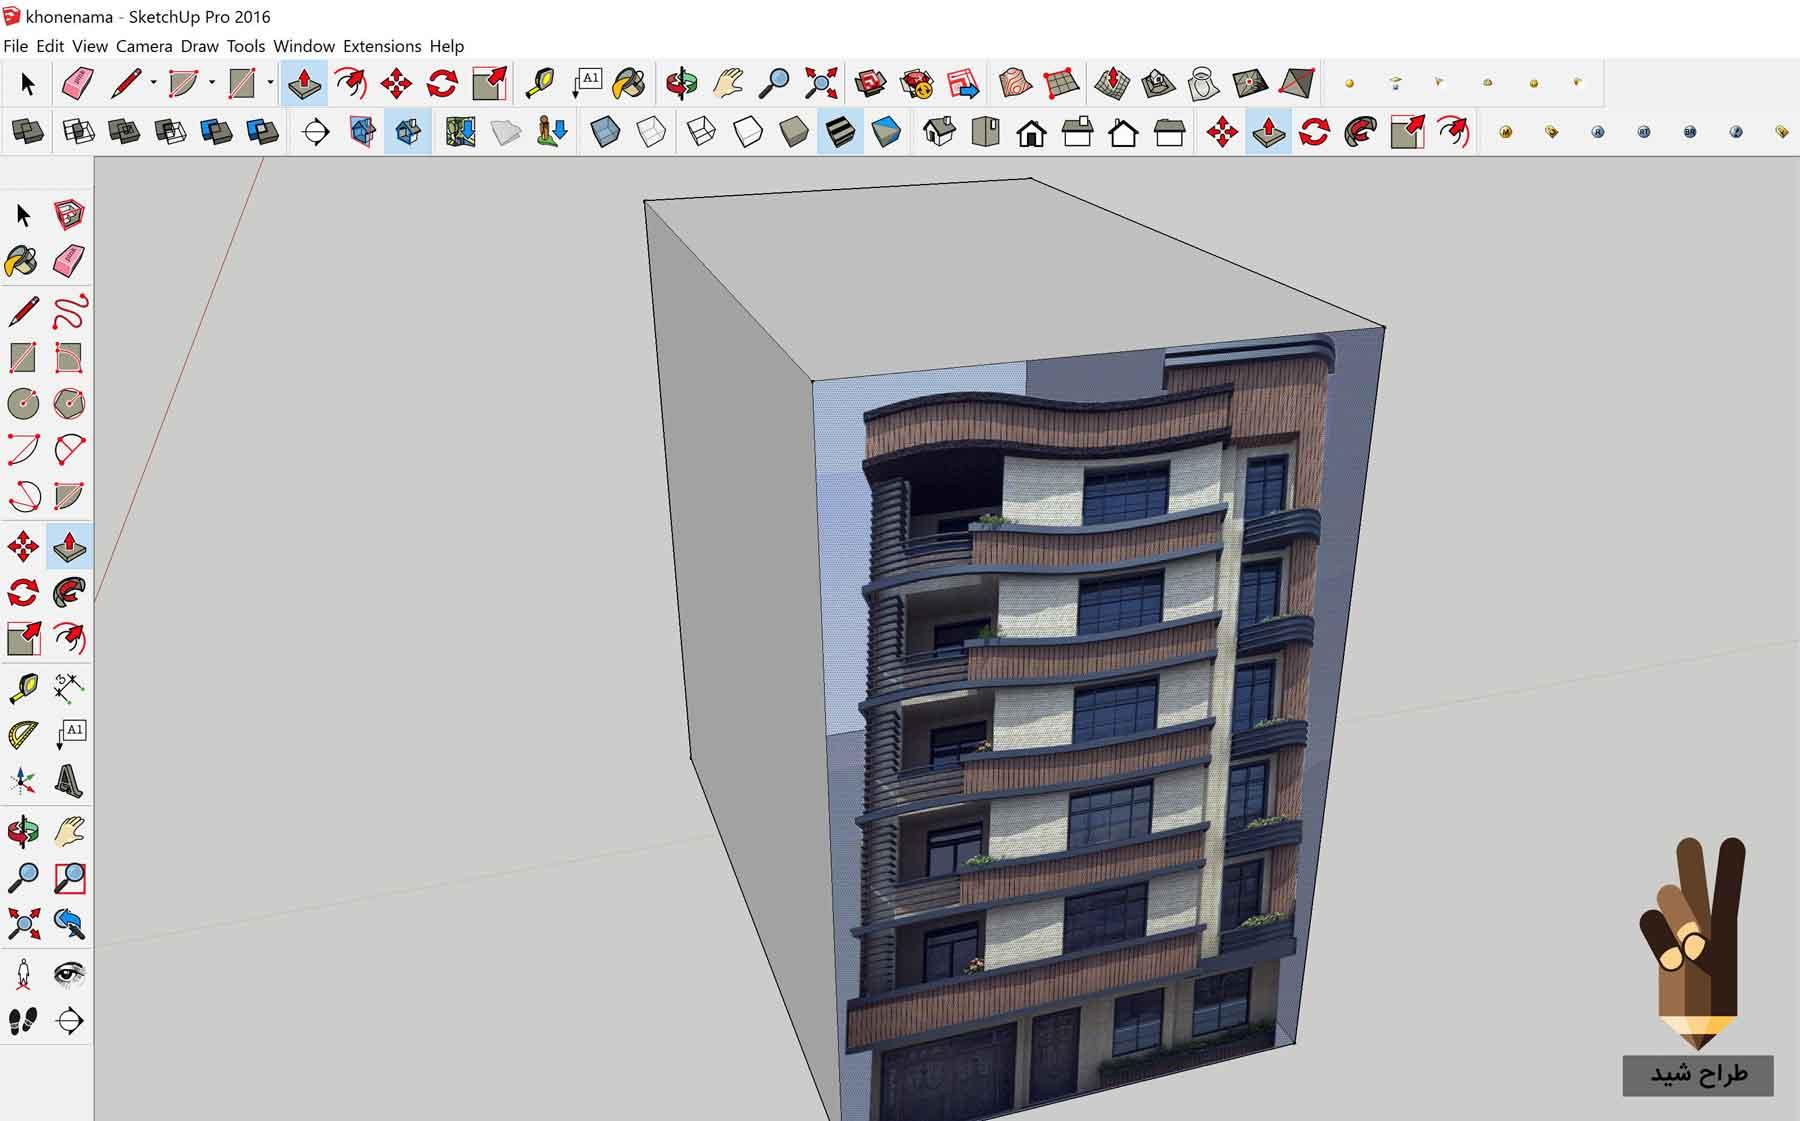 سه بعدی کردن نمای ساختمان در اسکچاپ 4